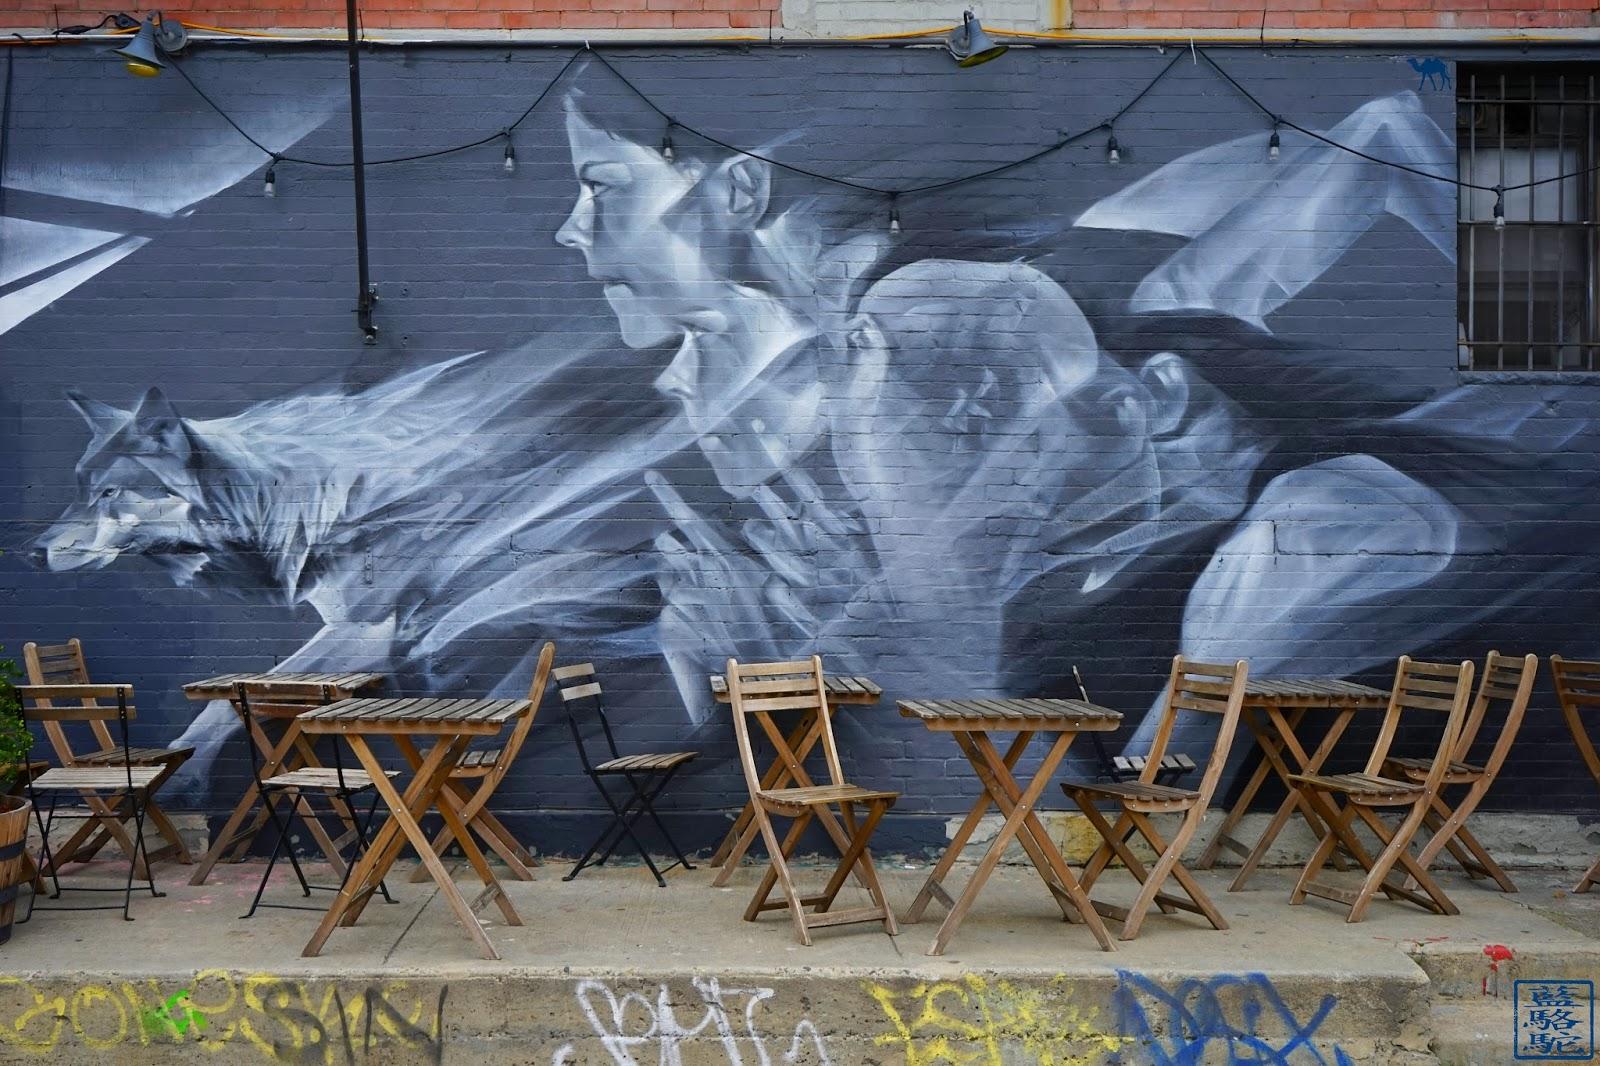 Le Chameau Bleu - Street art Loup - Bushwick